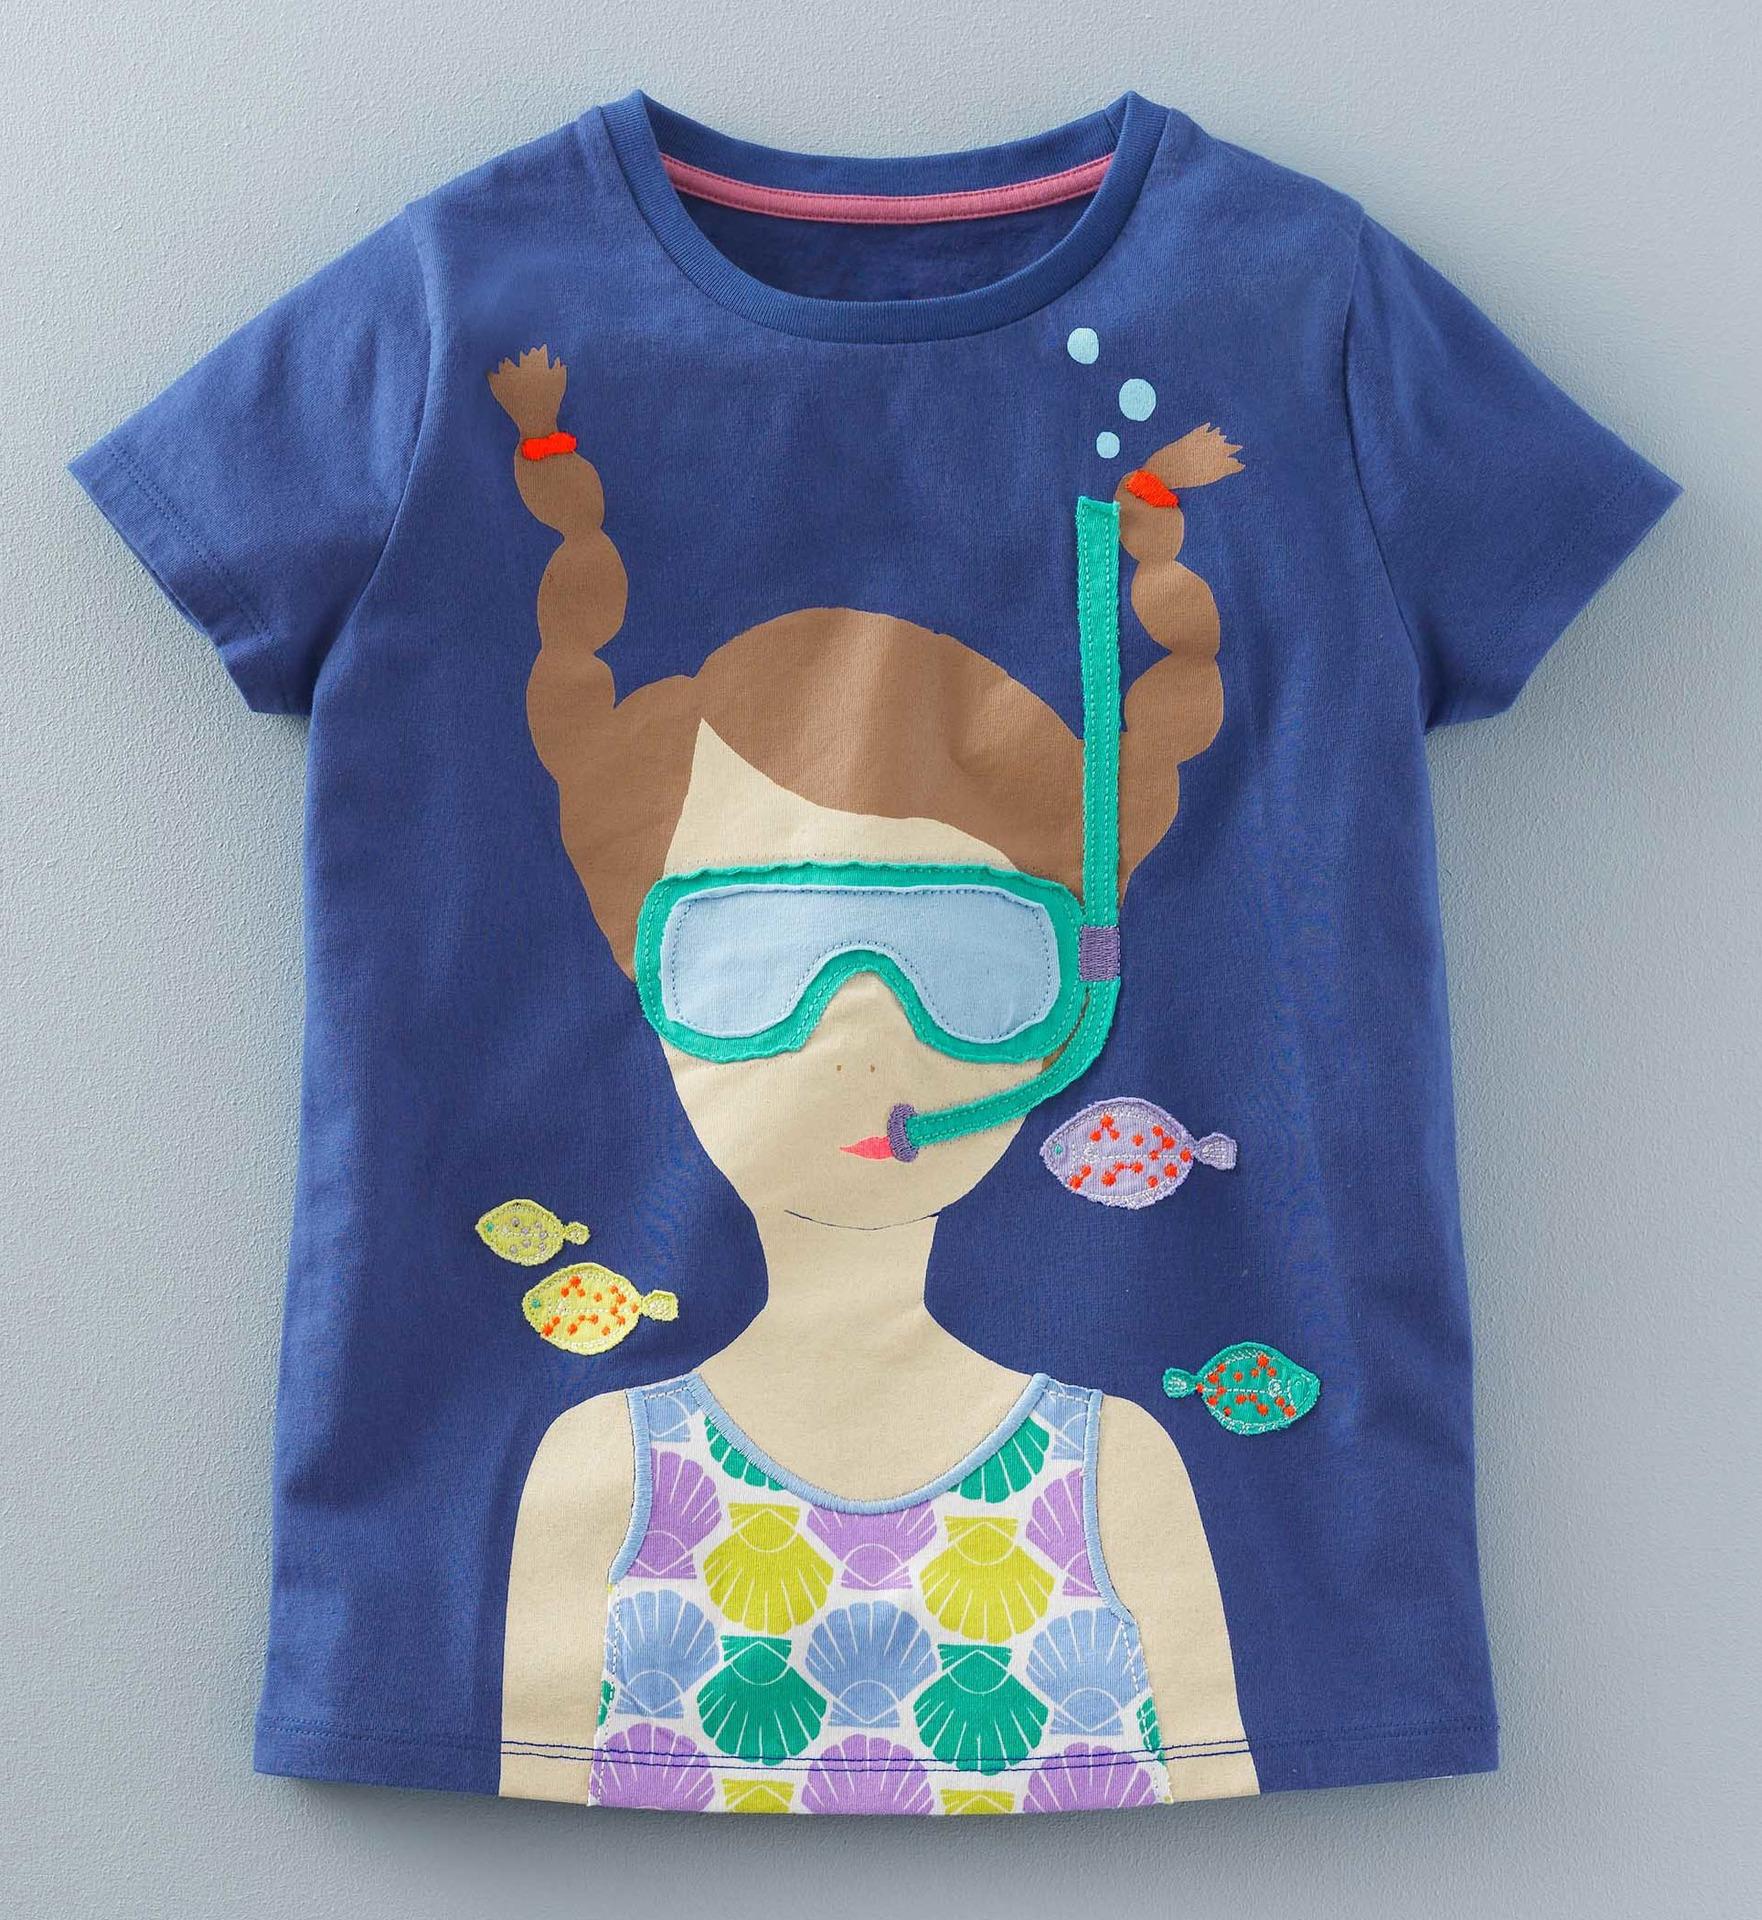 เสื้อแขนสั้นสีกรมท่าลายเด็กผู้หญิงดำน้ำ [size 2y-3y-4y-5y]